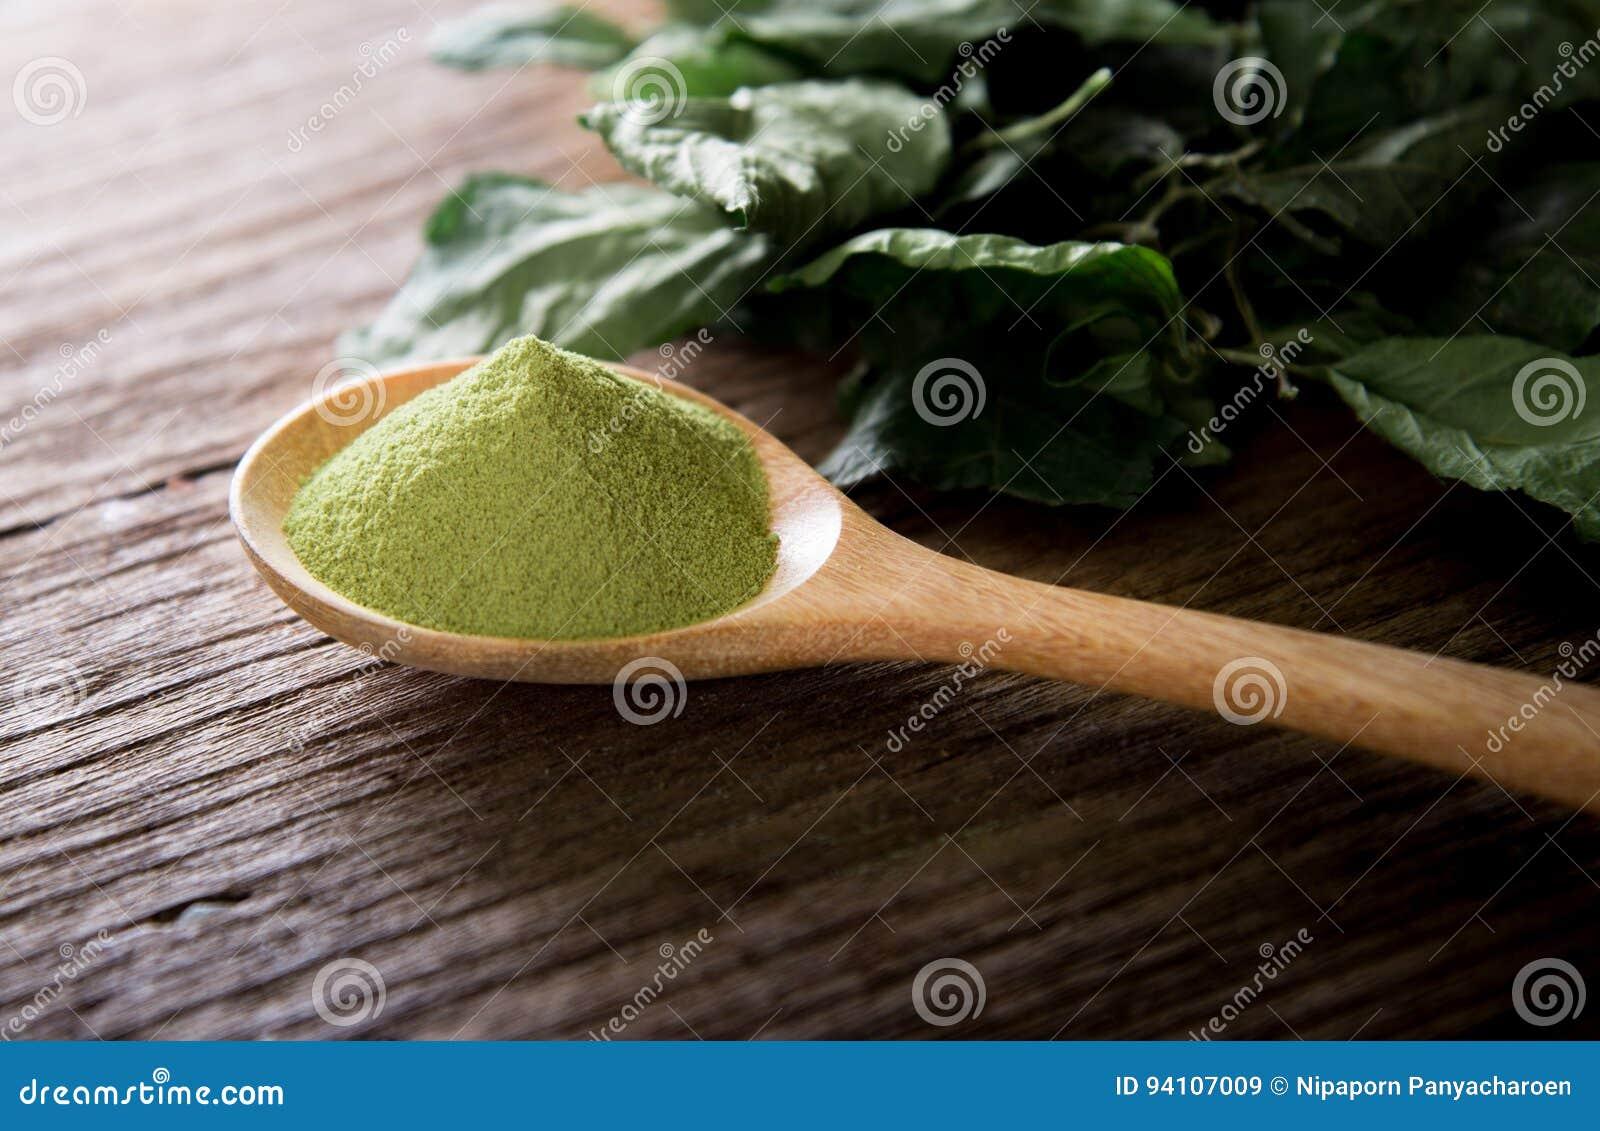 粉末绿茶和绿色茶叶